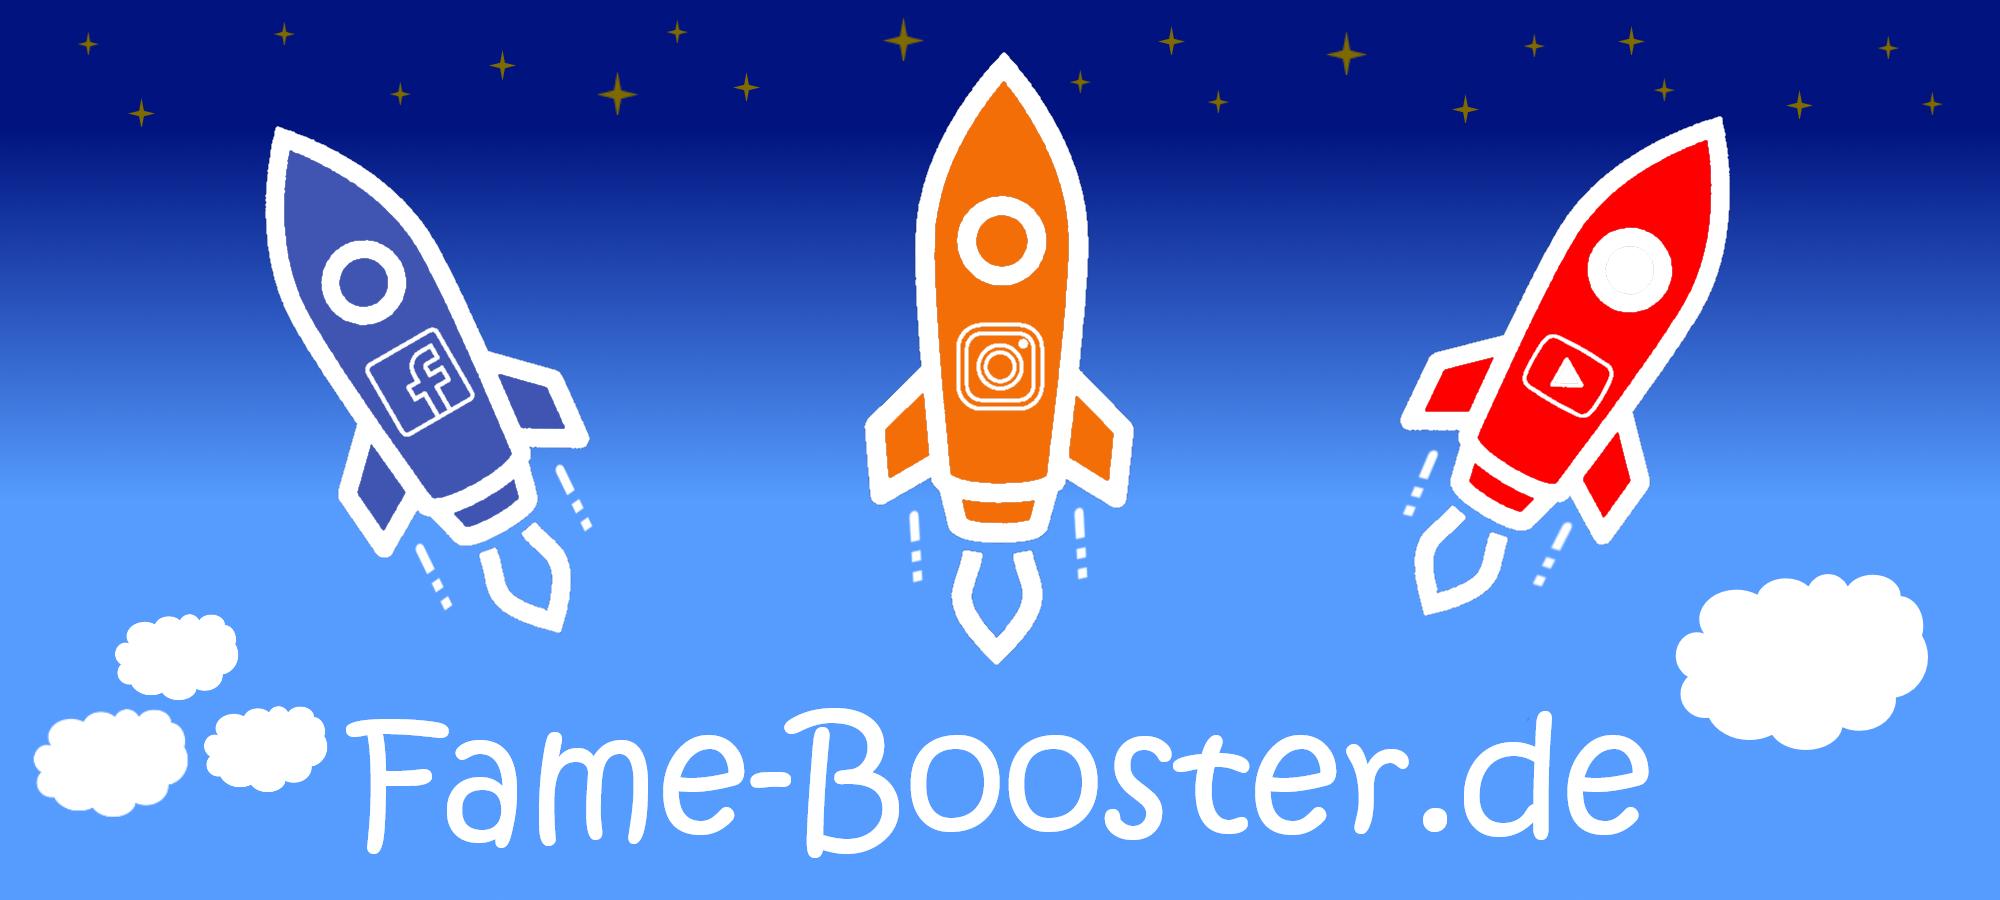 Logo von Fame-booster.de